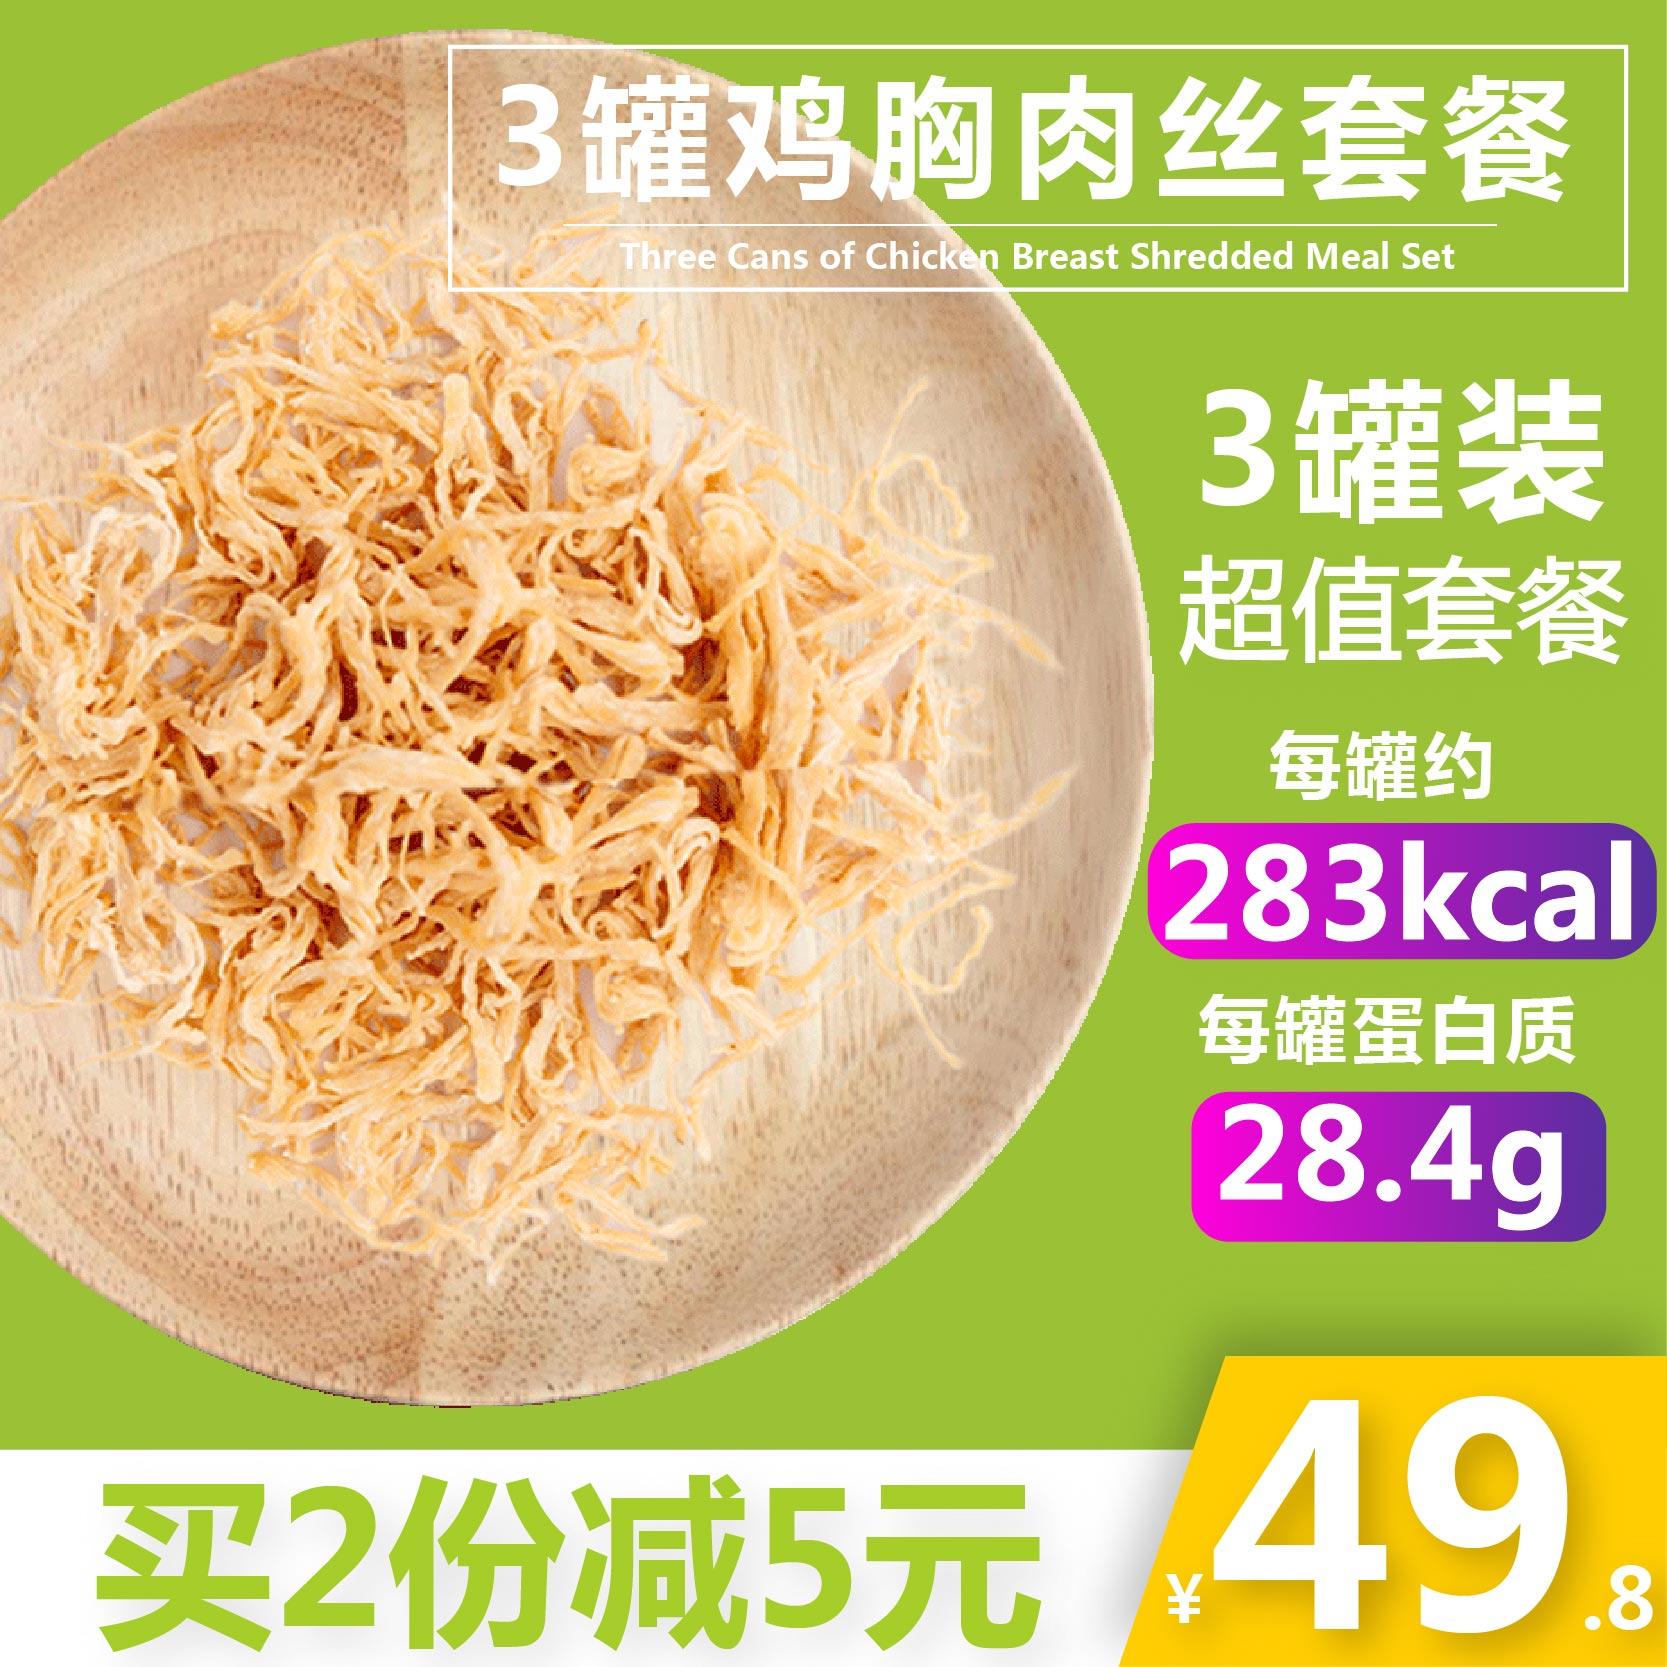 肌霸健身即食鸡胸肉丝肉松代餐零食(用18.2元券)